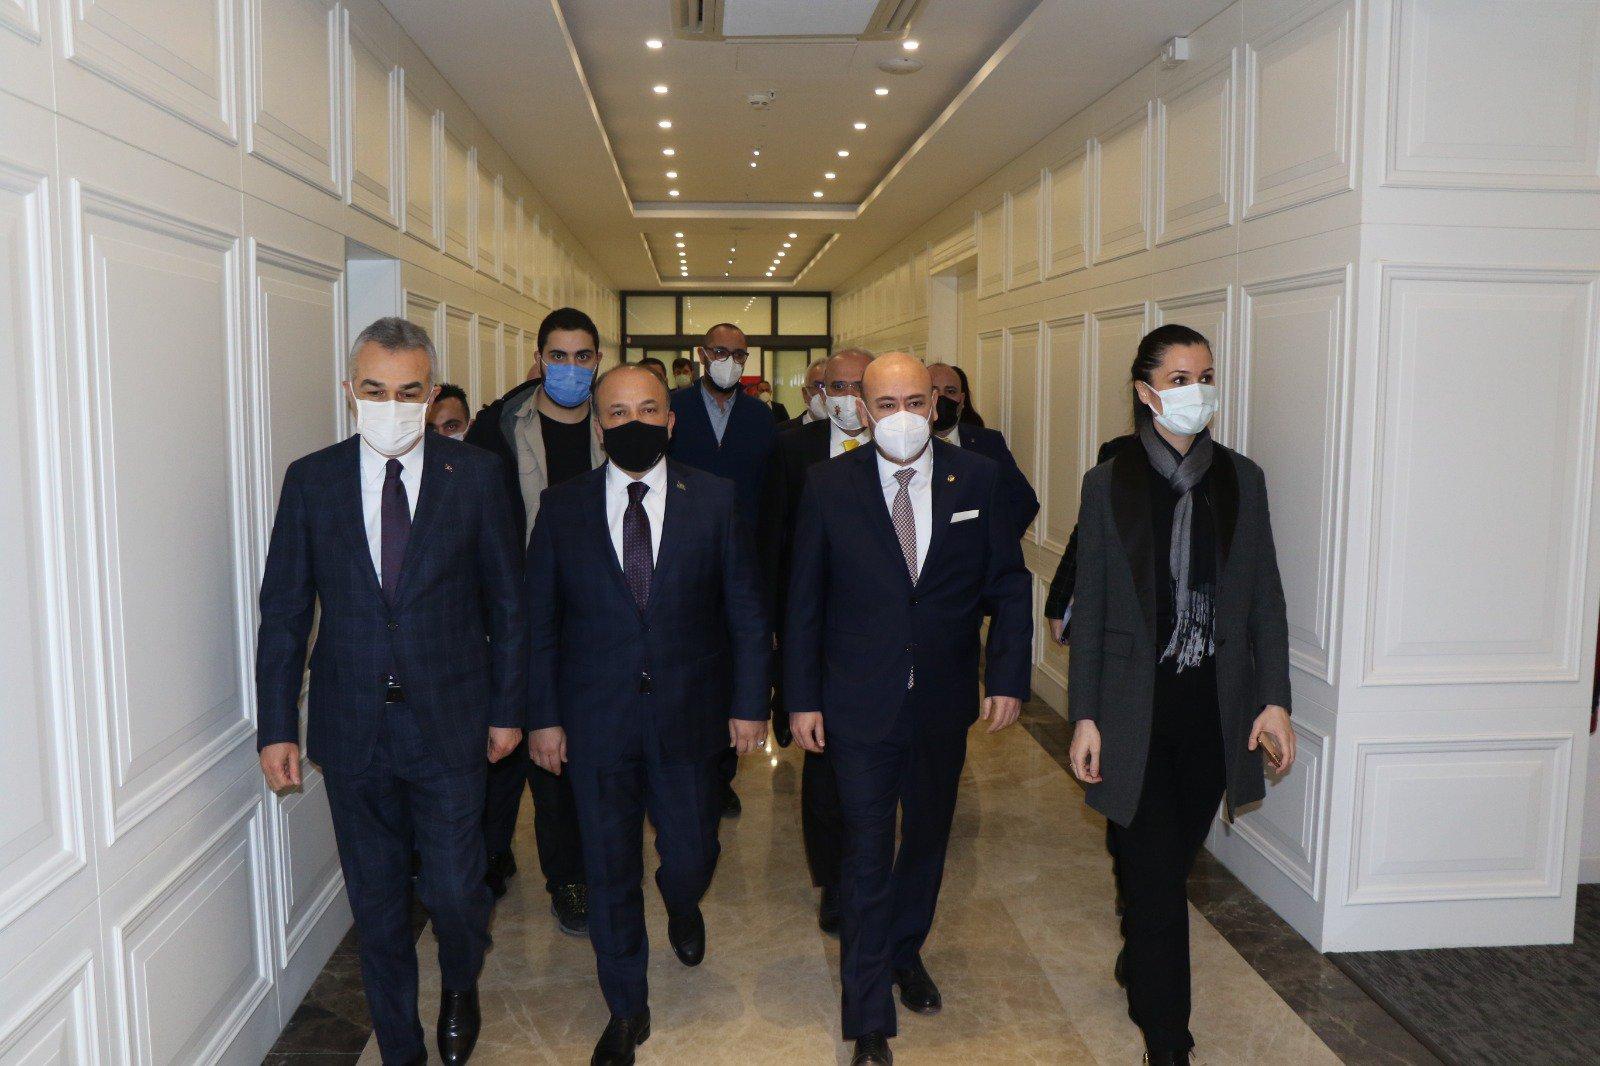 AK Parti Genel Başkan Yardımcısı Çiğdem KARAASLAN, AK Parti Aydın Milletvekilleri Mustafa SAVAŞ ve Metin YAVUZ Aydın Ticaret Odası'na ziyarette bulundu.